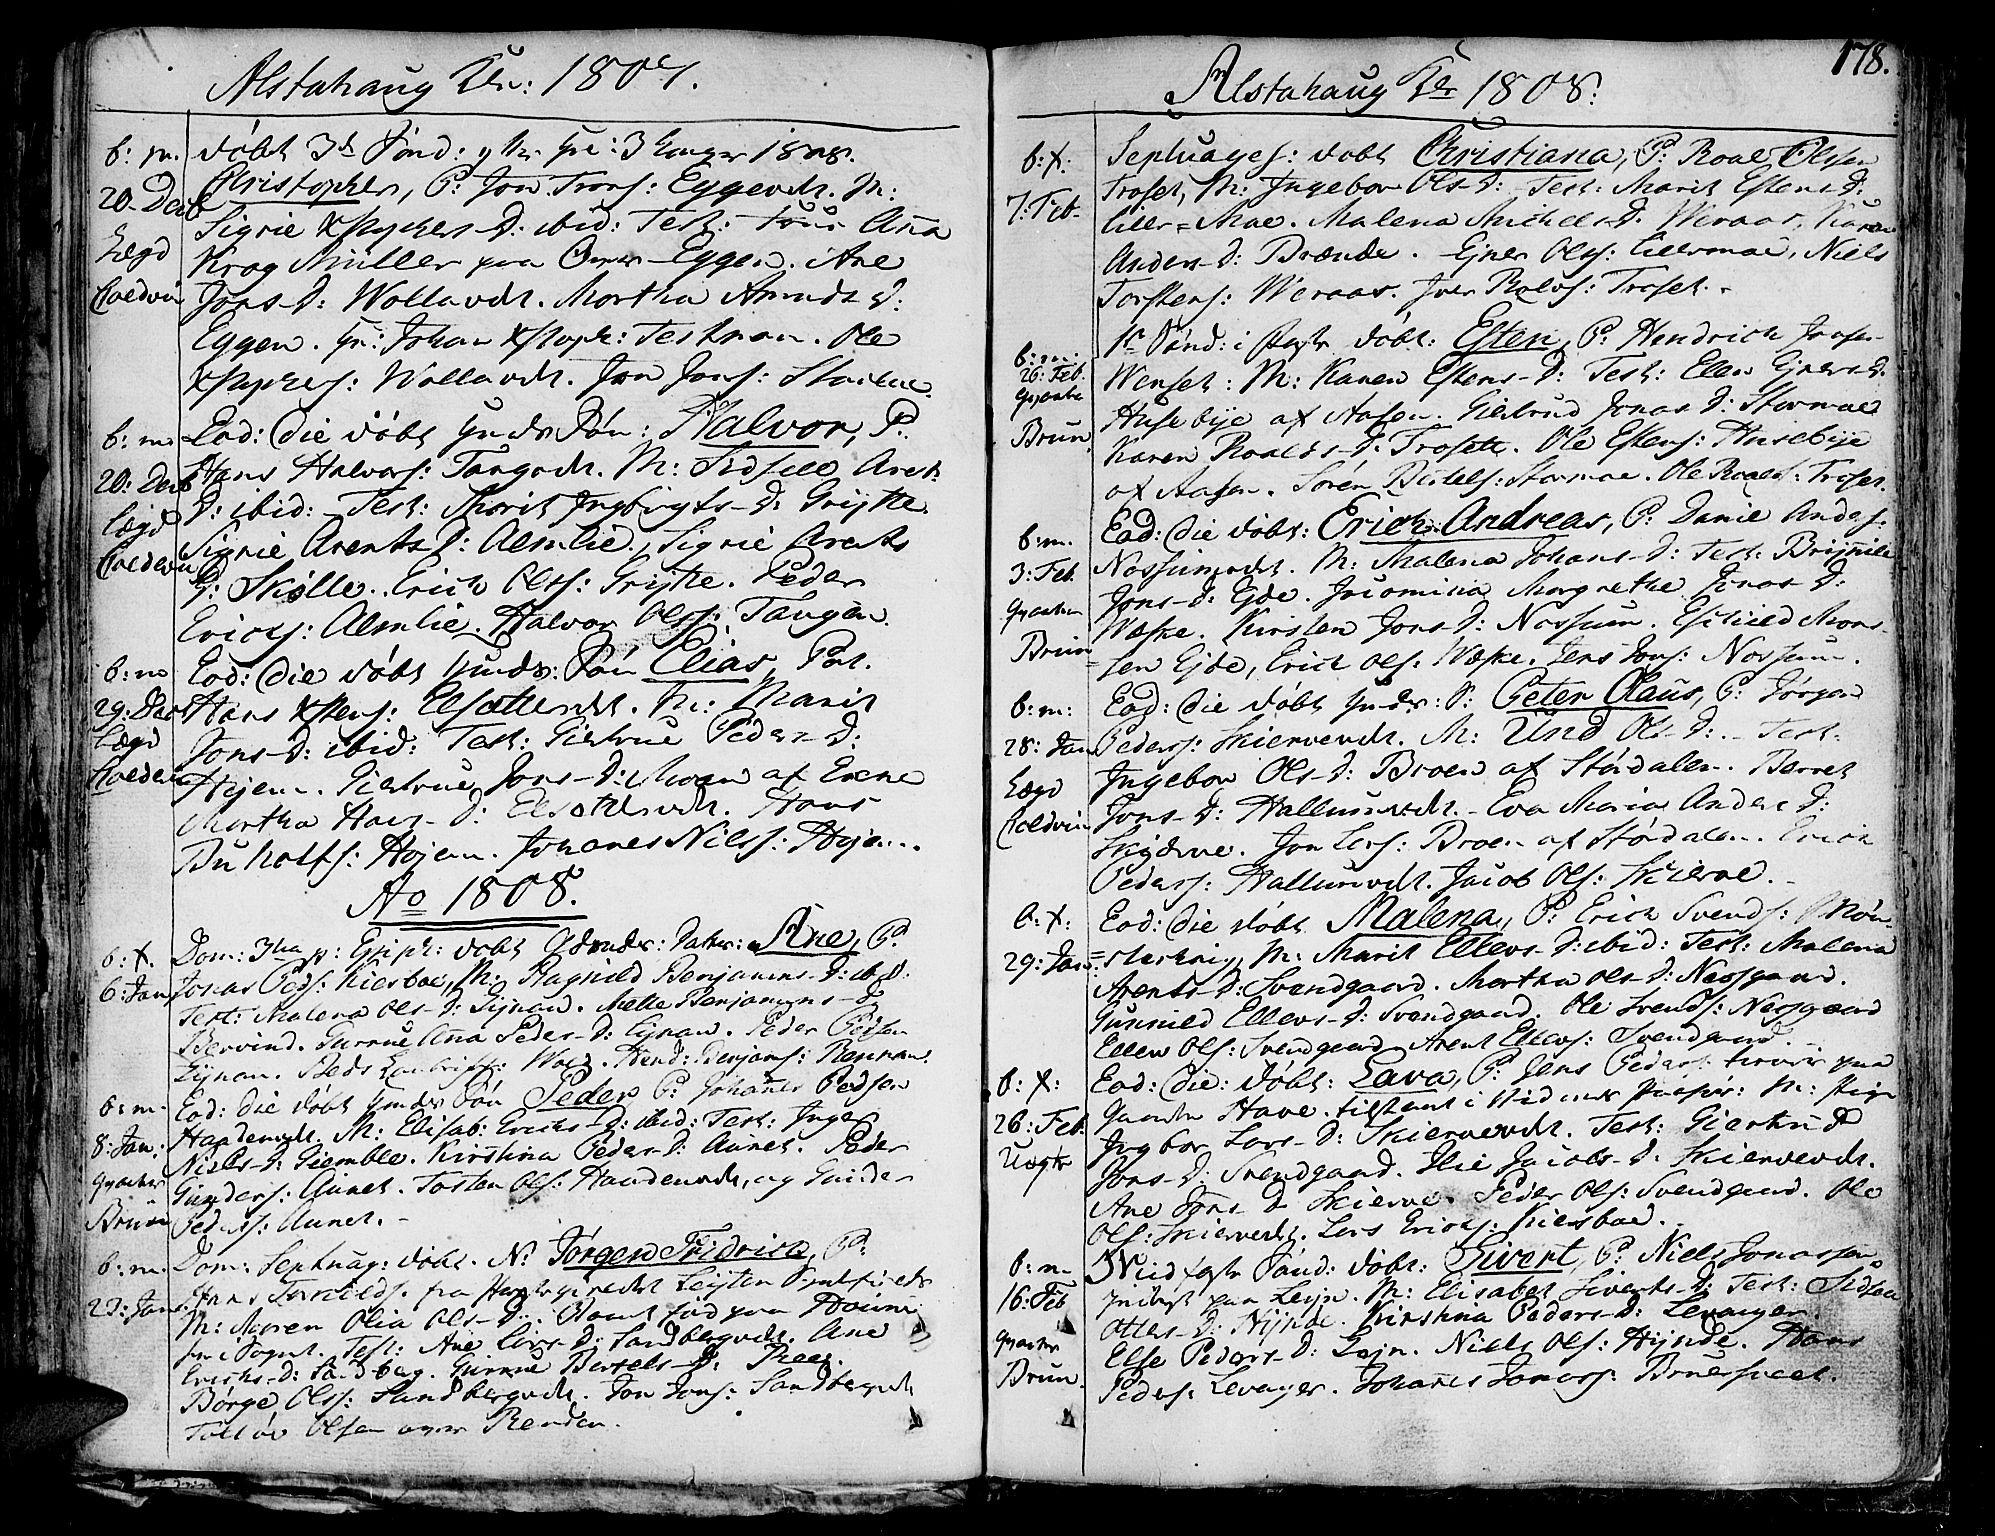 SAT, Ministerialprotokoller, klokkerbøker og fødselsregistre - Nord-Trøndelag, 717/L0142: Ministerialbok nr. 717A02 /1, 1783-1809, s. 178